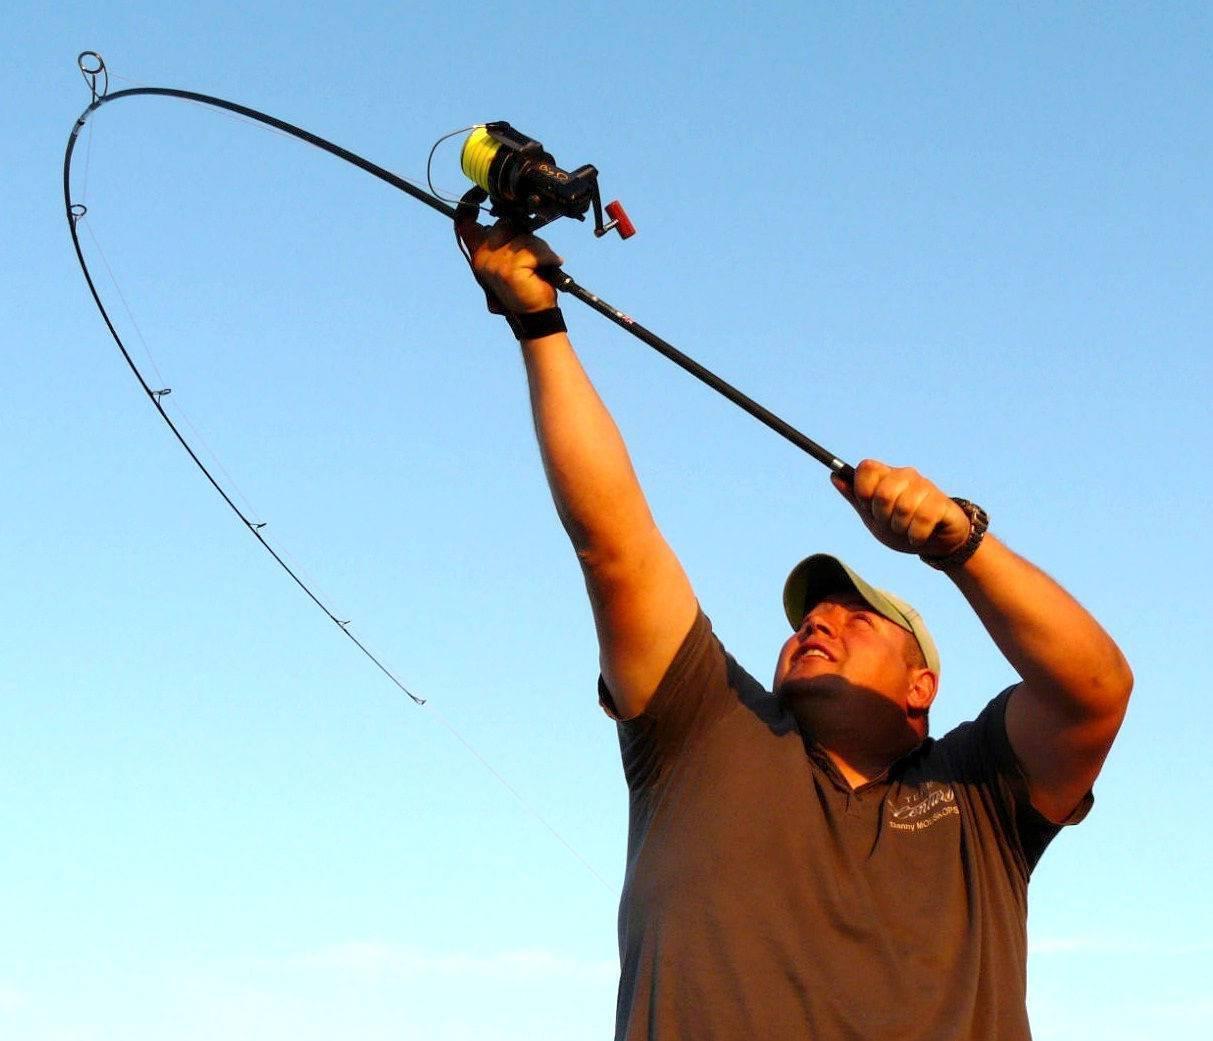 Ловля с лодки на фидер. достоинства и недостатки. - fishing magazine - интернет-журнал о любимом увлечении...